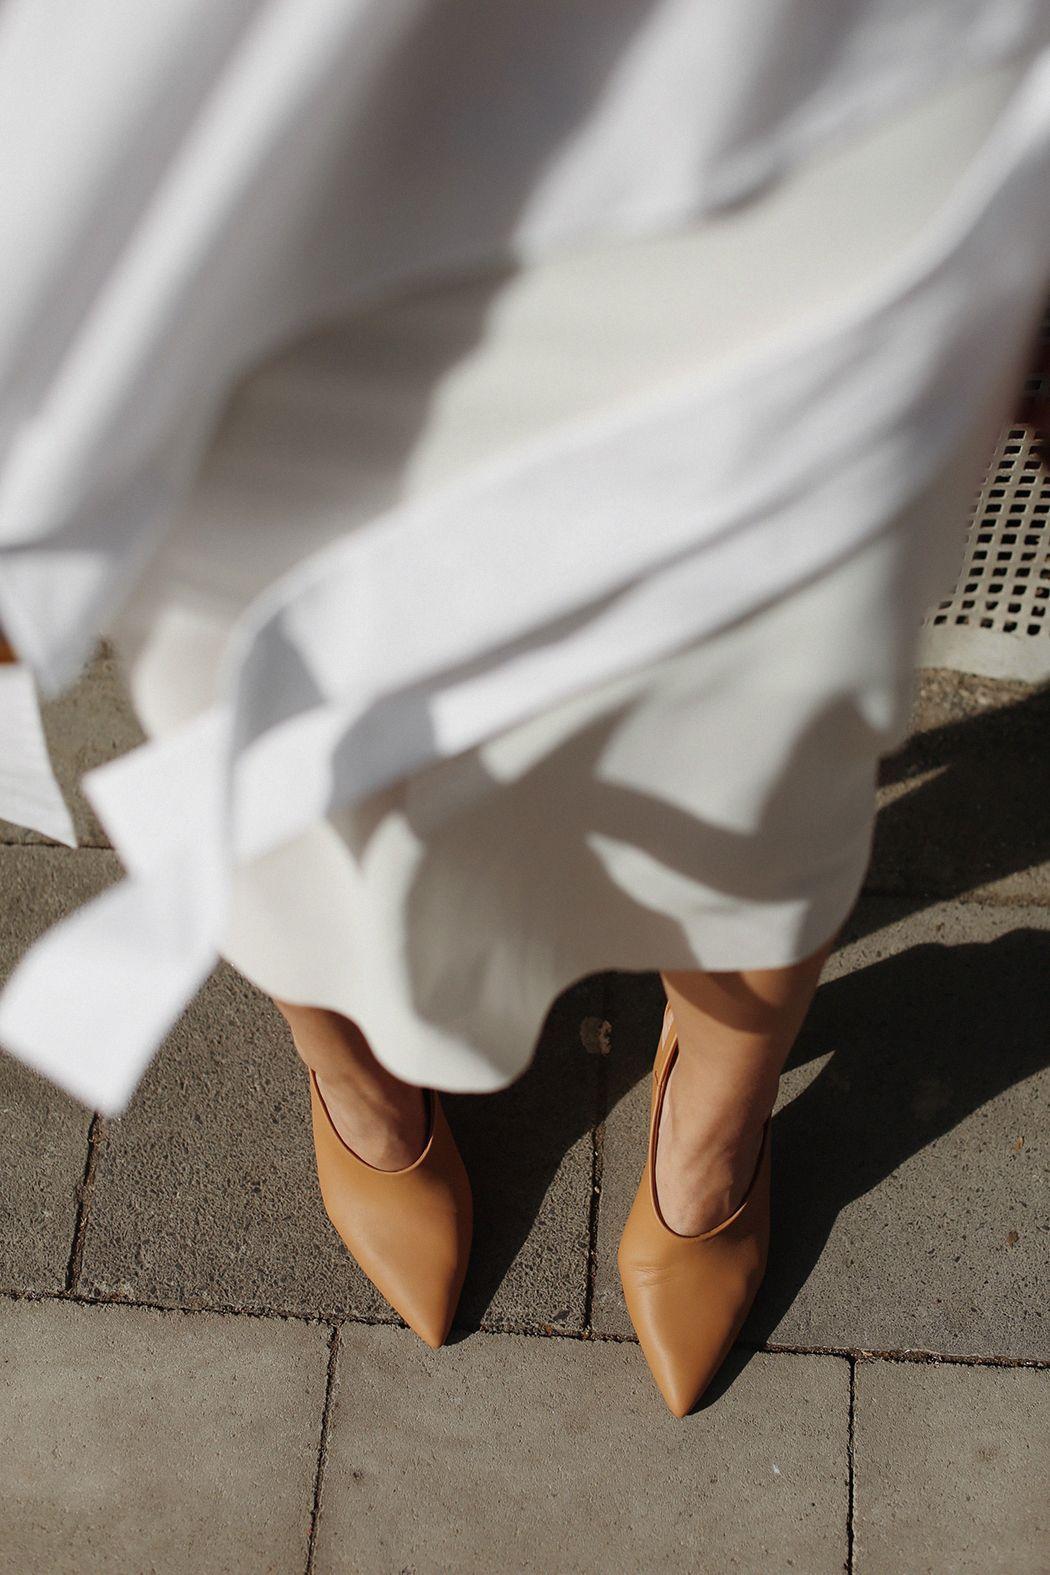 eyeopening diy ideas urban wear streetwear men urban dresses